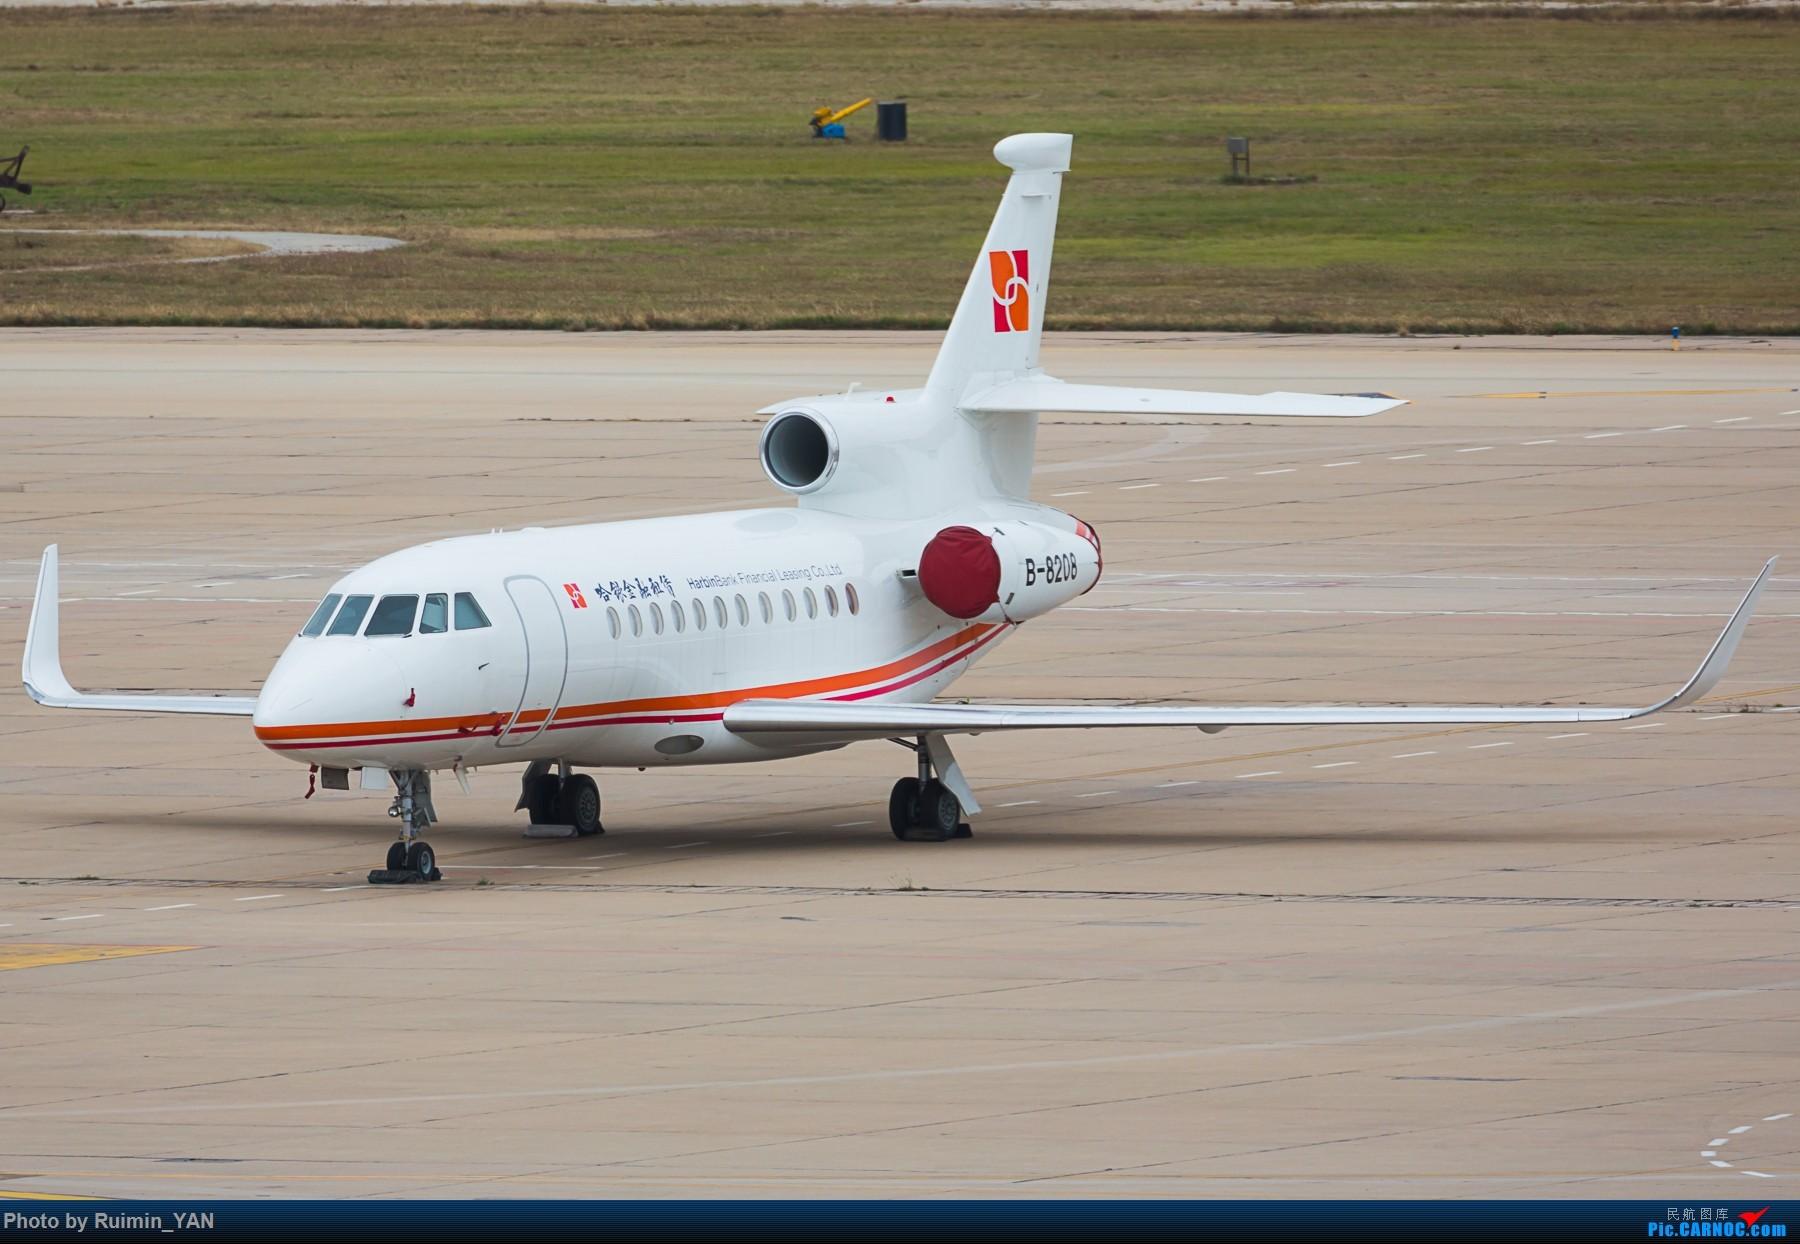 [原创]【TSN】亚联公务机 B-8208 达索猎鹰900 DASSAULT FALCON 900LX B-8208 中国天津滨海国际机场